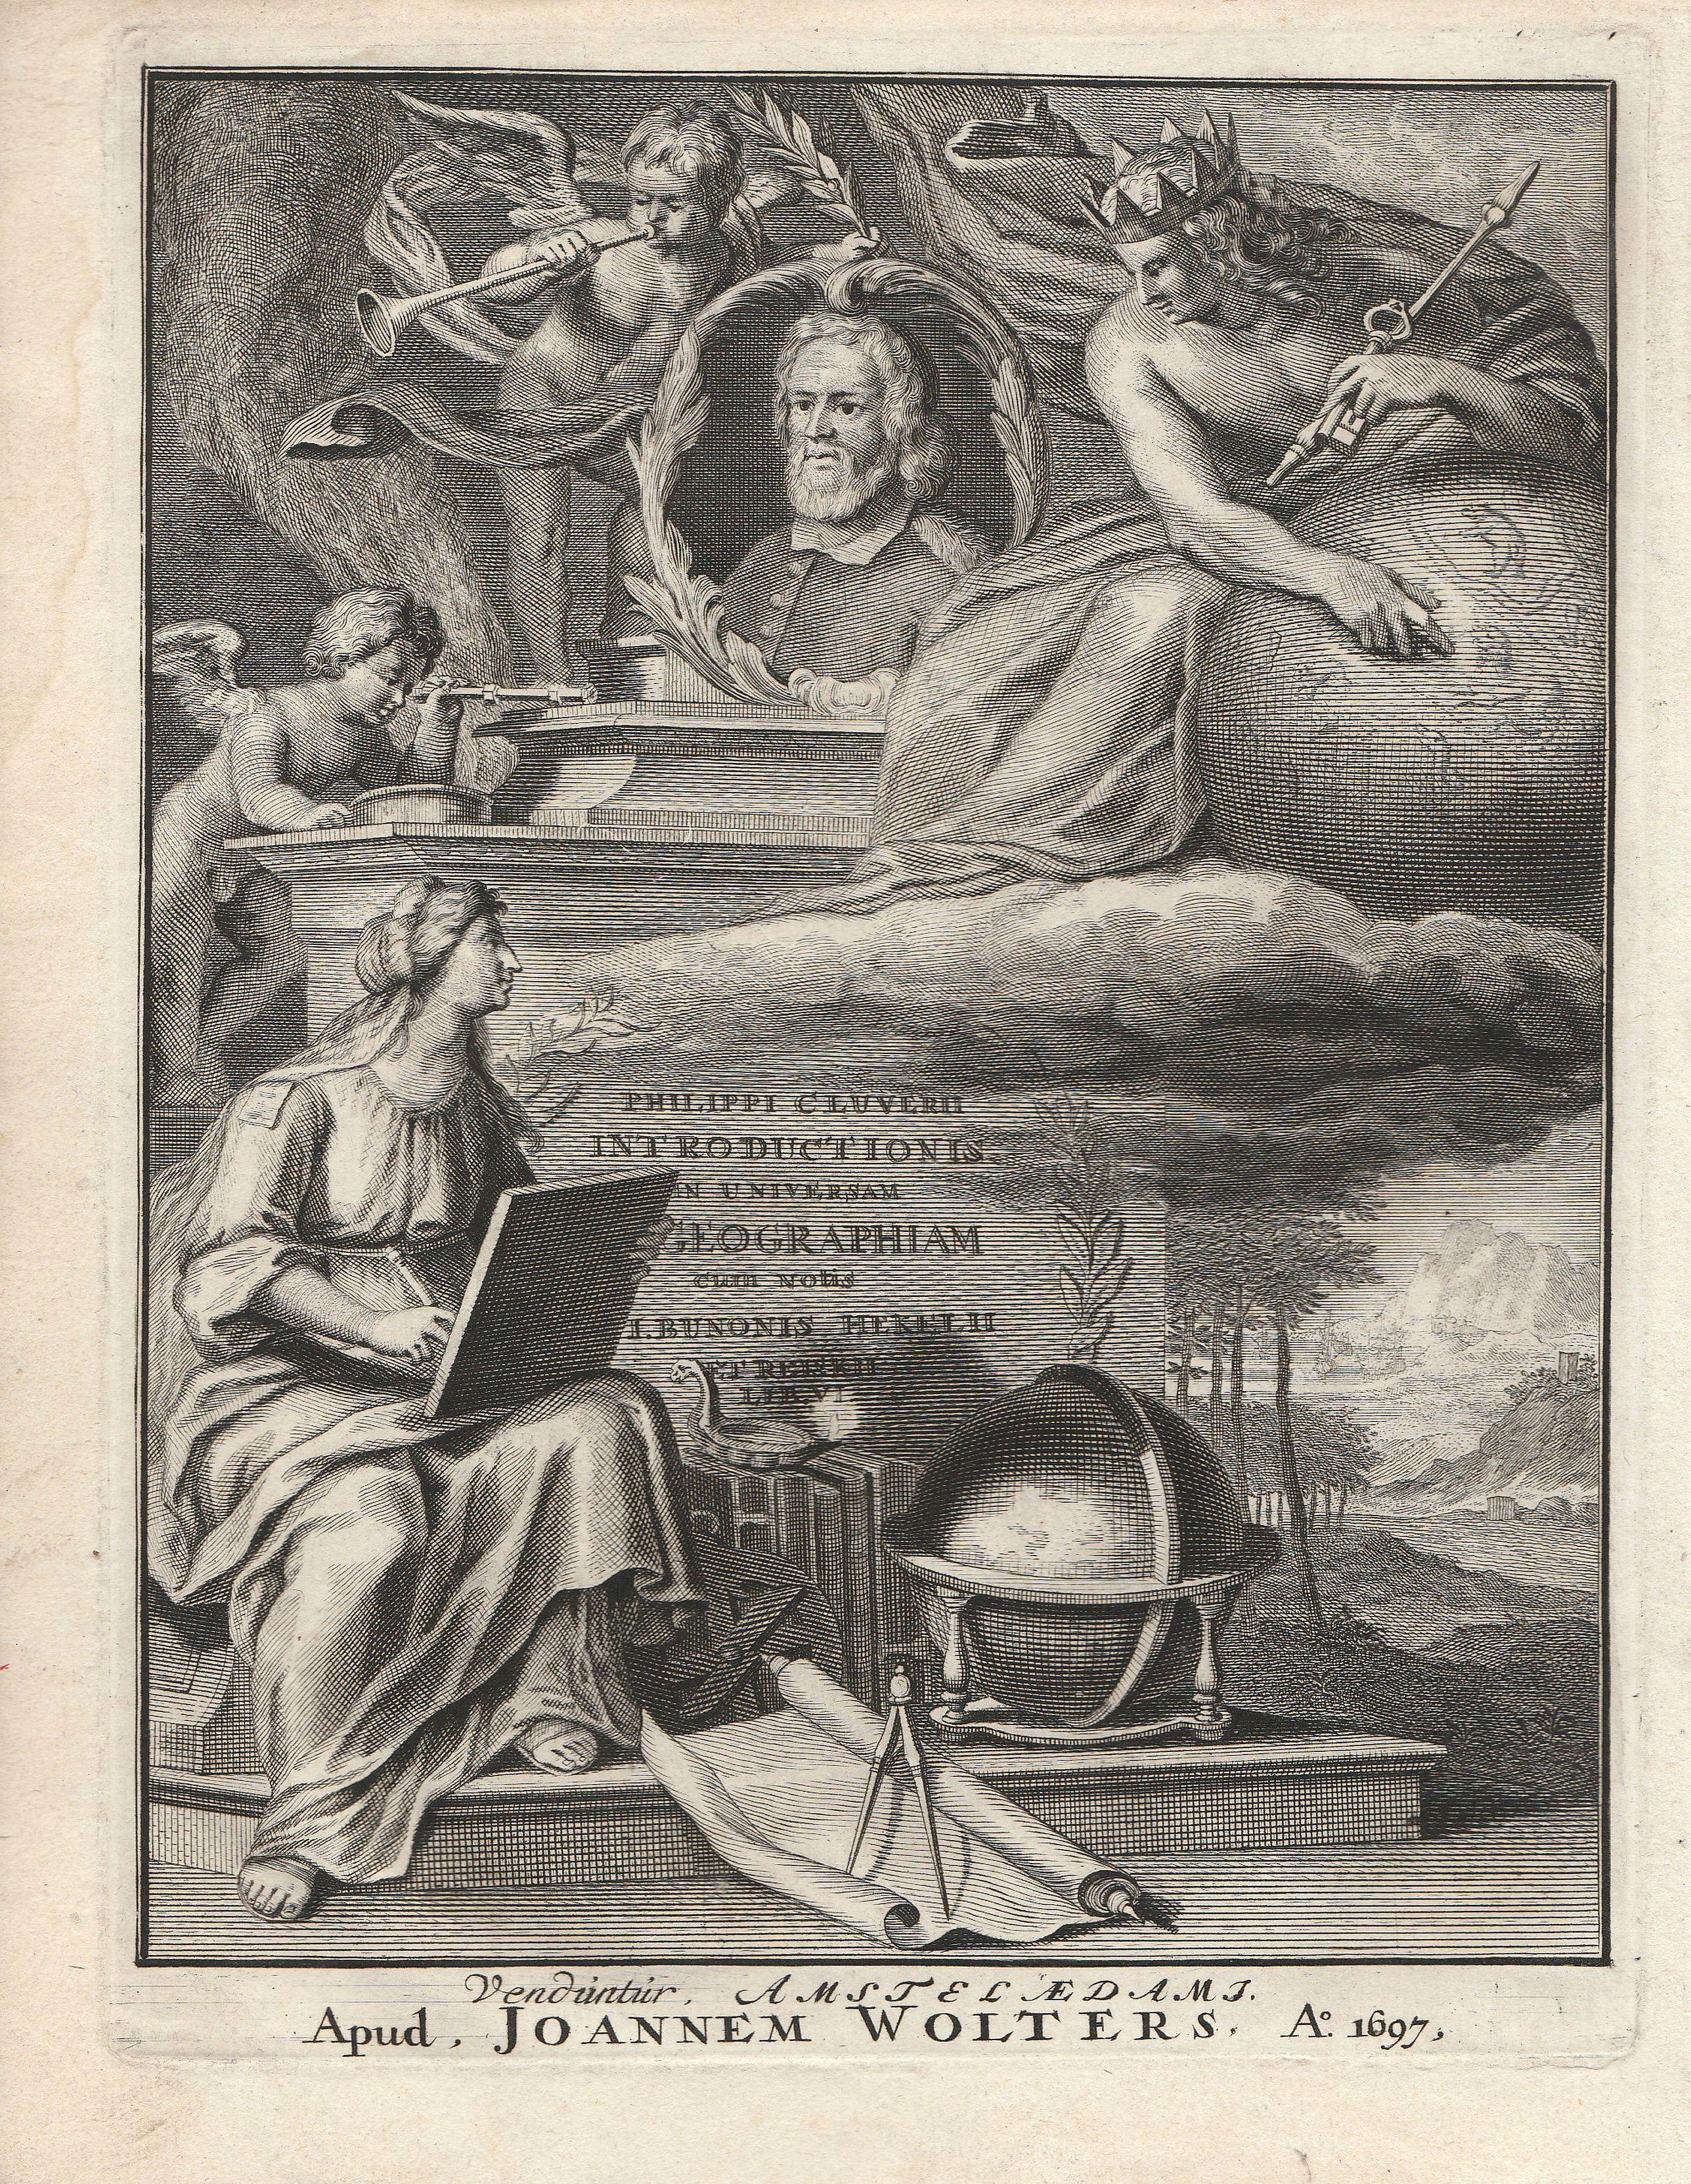 CLUVER, Philip. - Philippi Cluverii Introductionis in Universam Geographiam cum notis J. Bunonis Hekelii . Veduntur Amsteldami Apud Joannem Wolters. Ao 1697